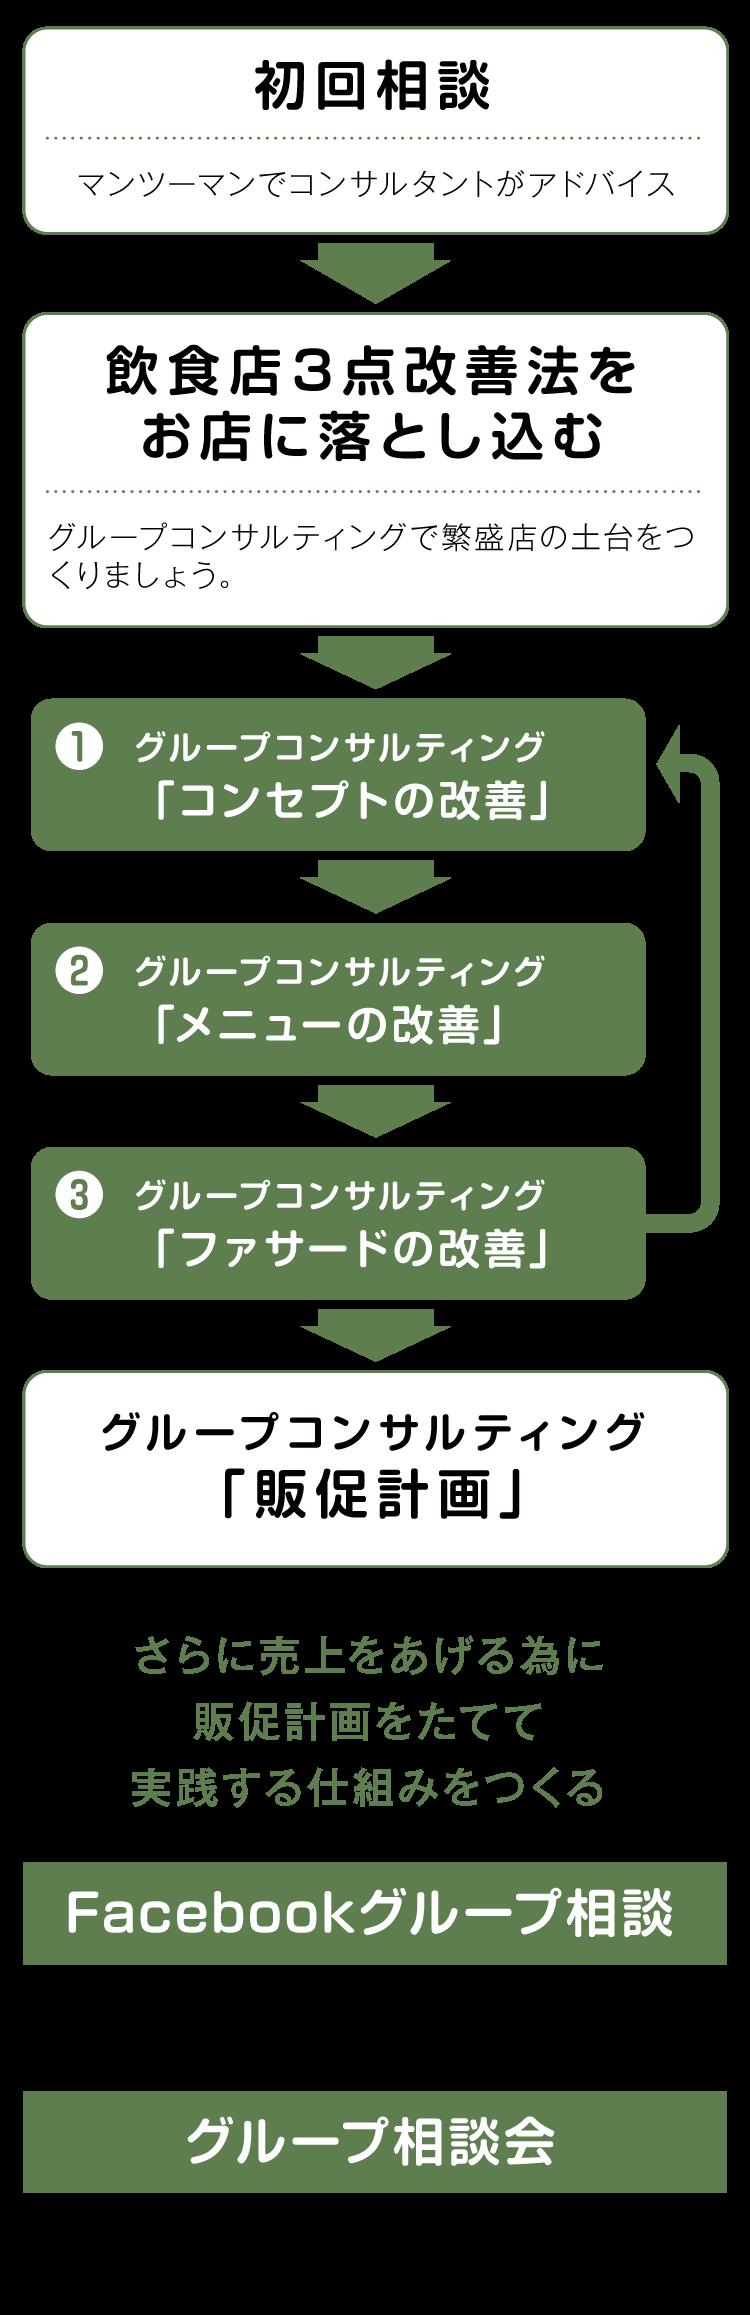 コンサルティングの仕組みフローチャート